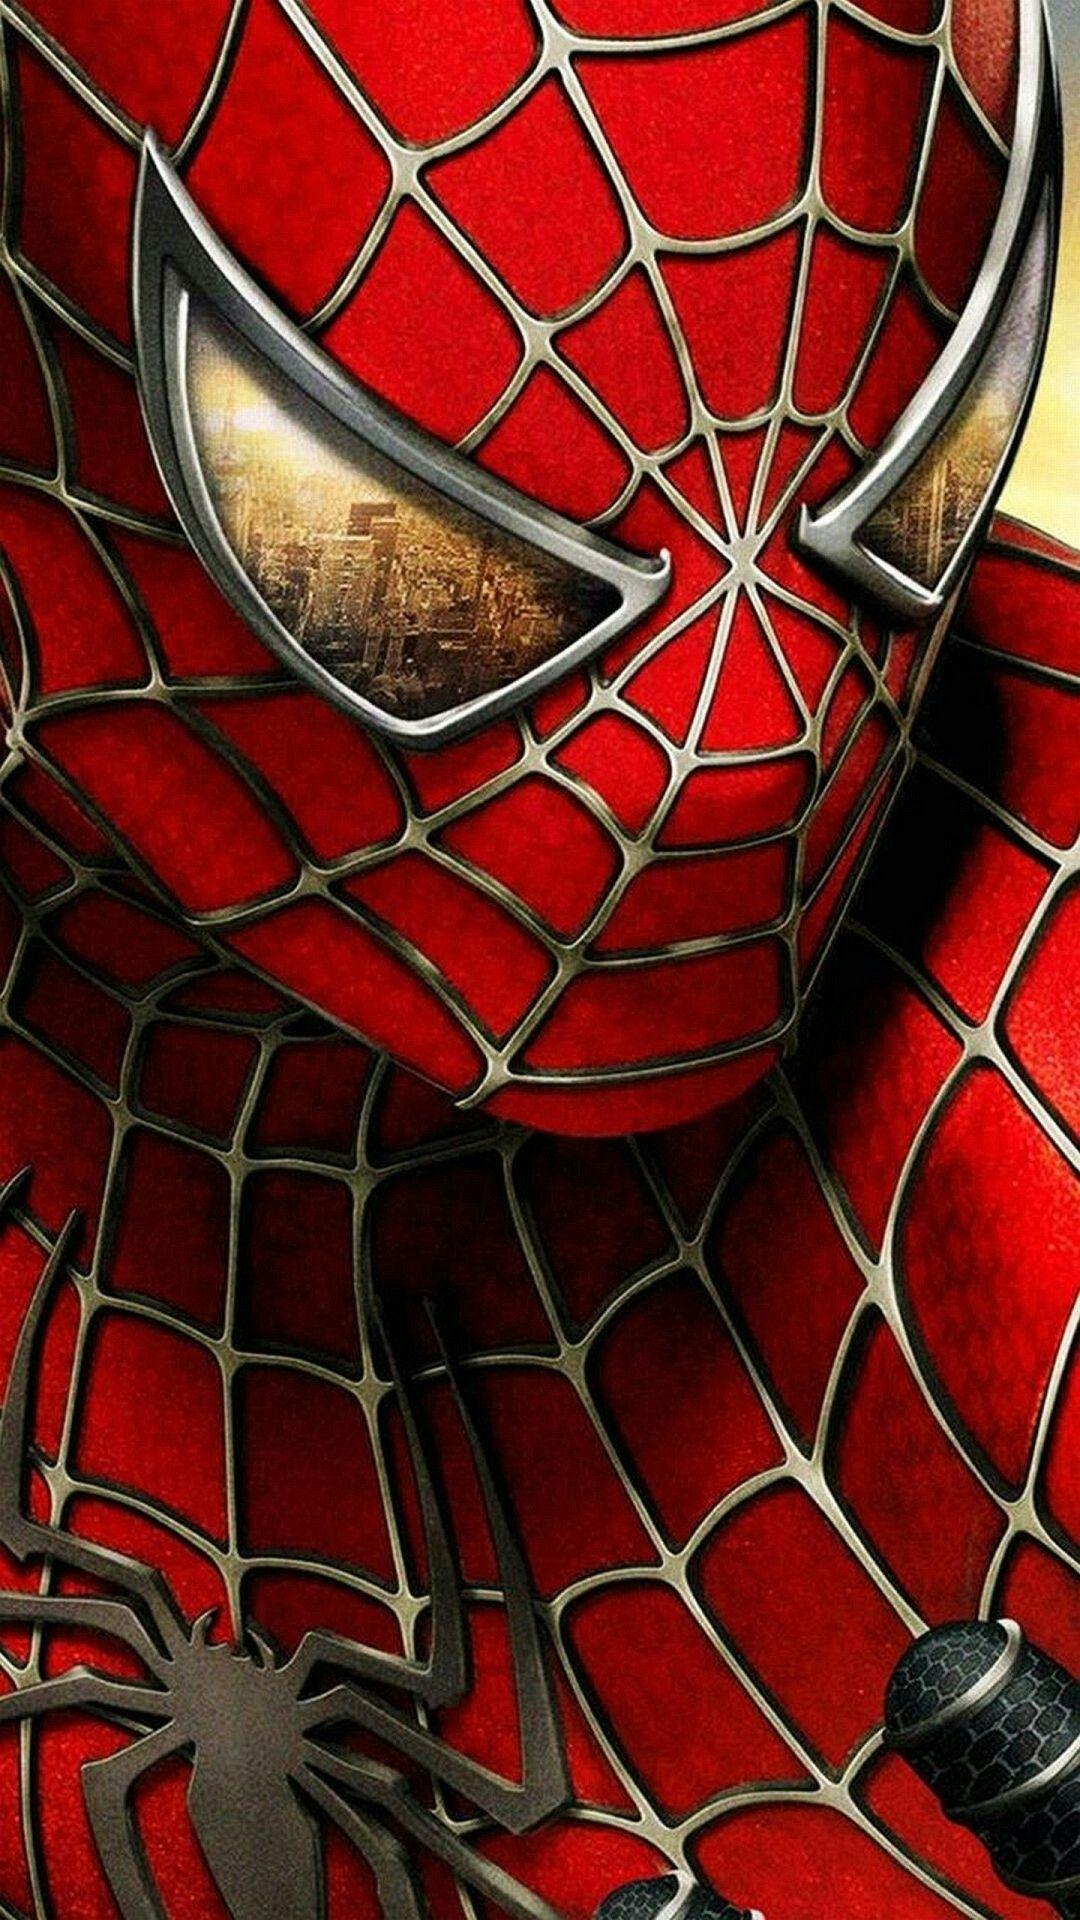 Pin By Roseline Vieillard On Fond D Ecran Amazing Spiderman Movie Spiderman Amazing Spiderman